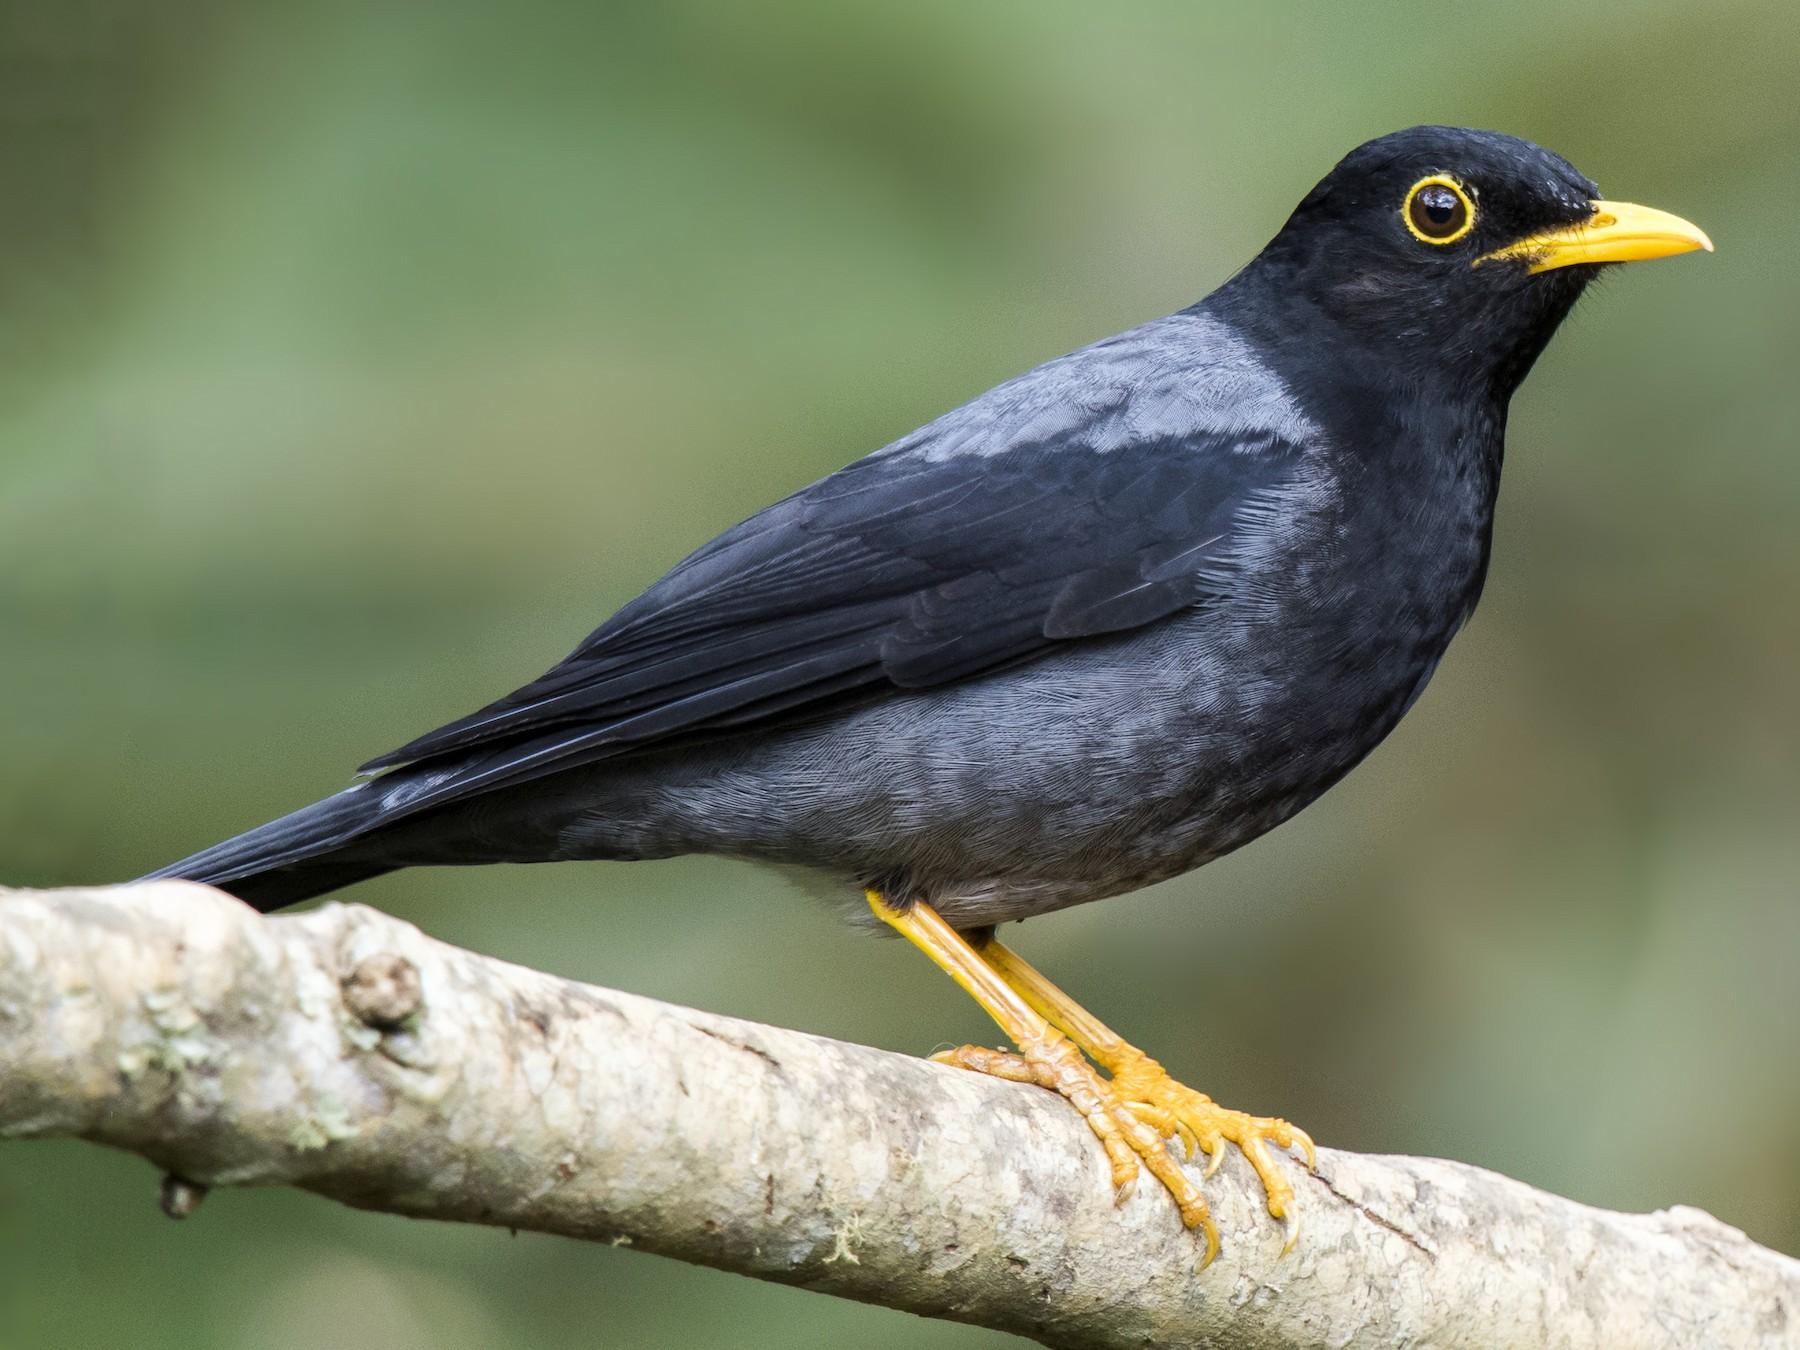 Yellow-legged Thrush - eBird